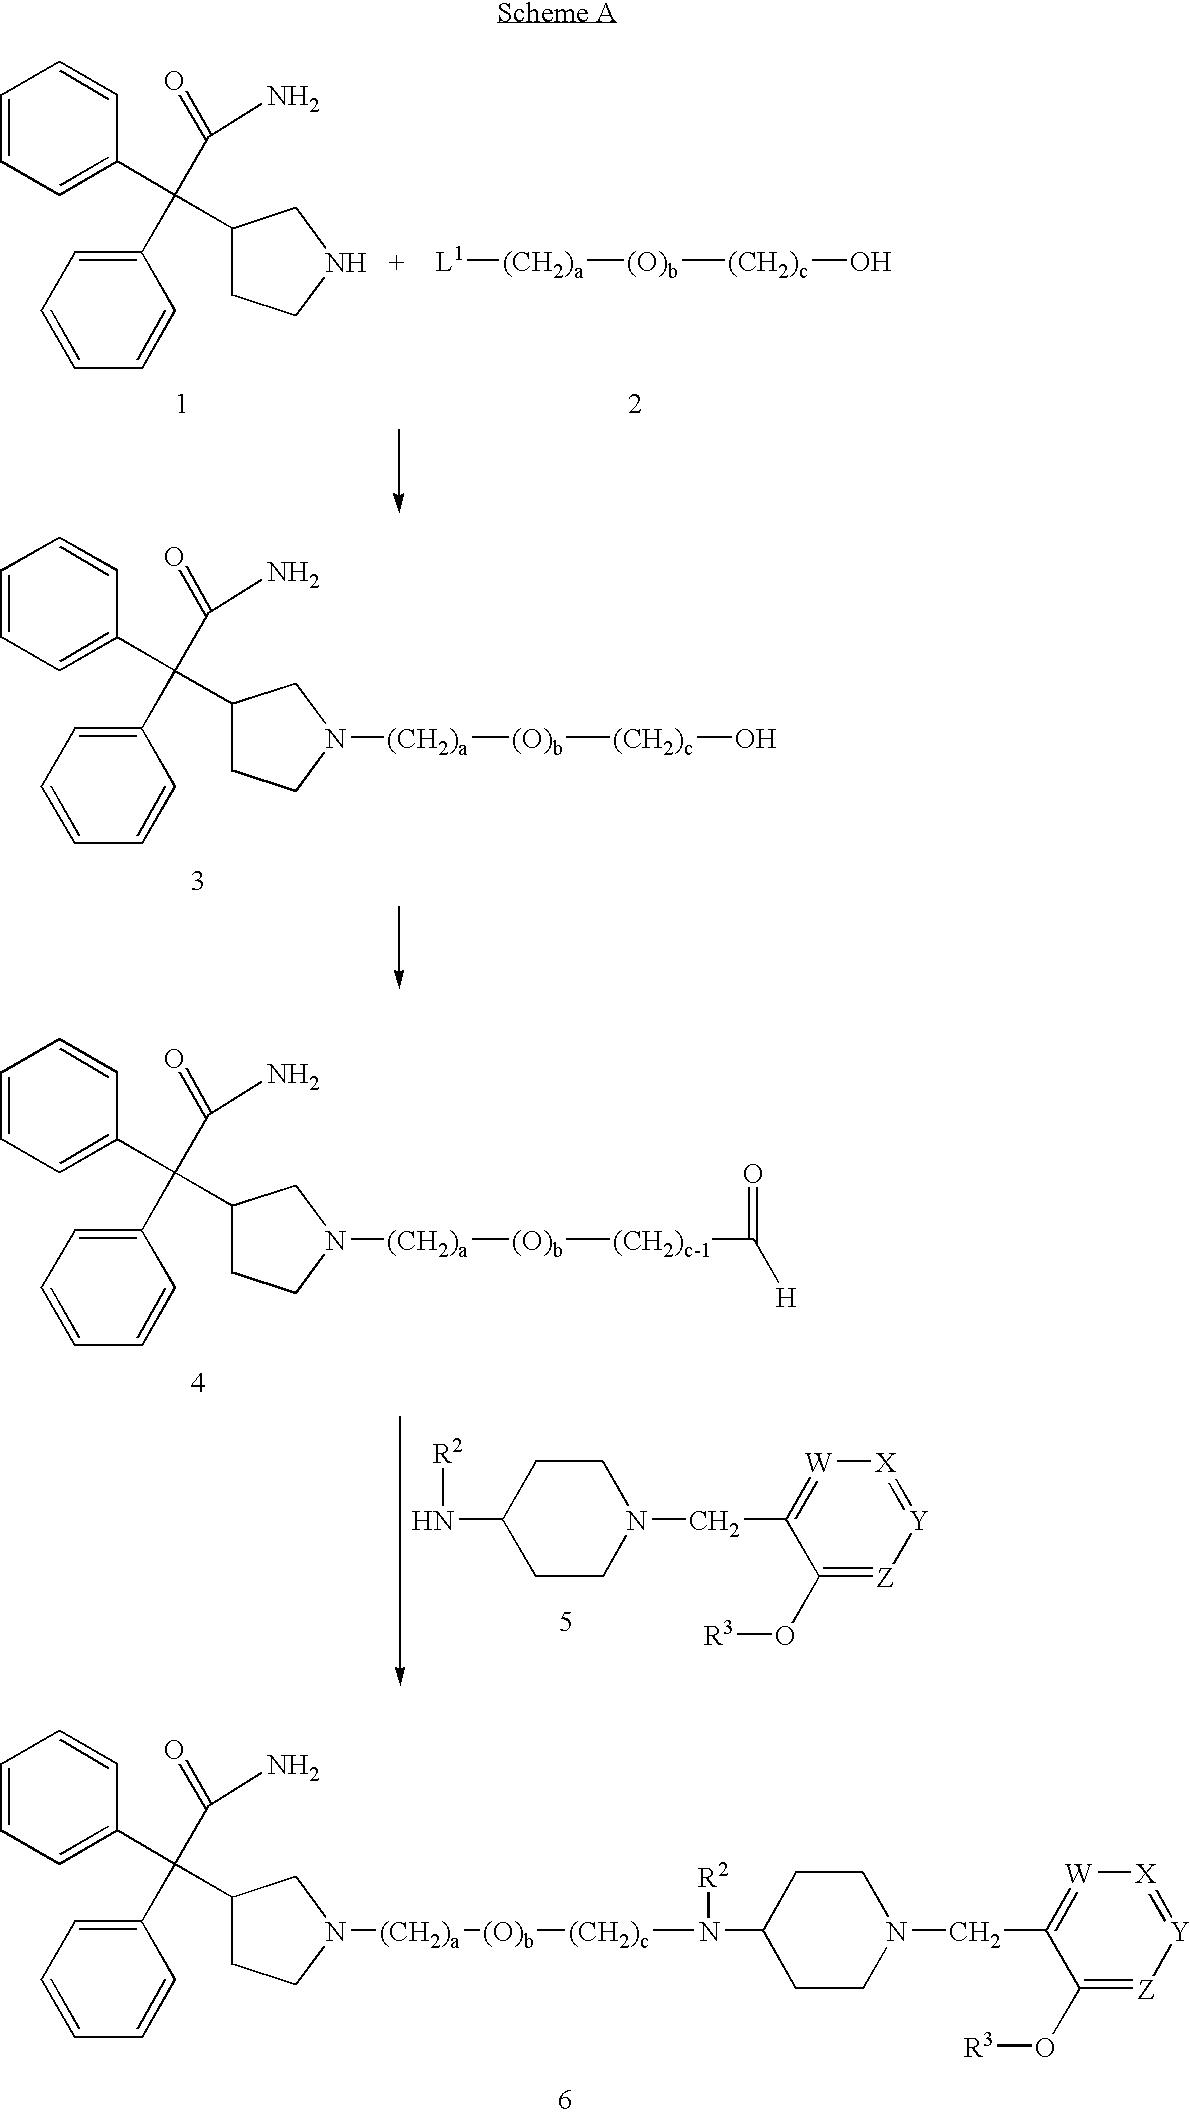 Figure US20050026954A1-20050203-C00010